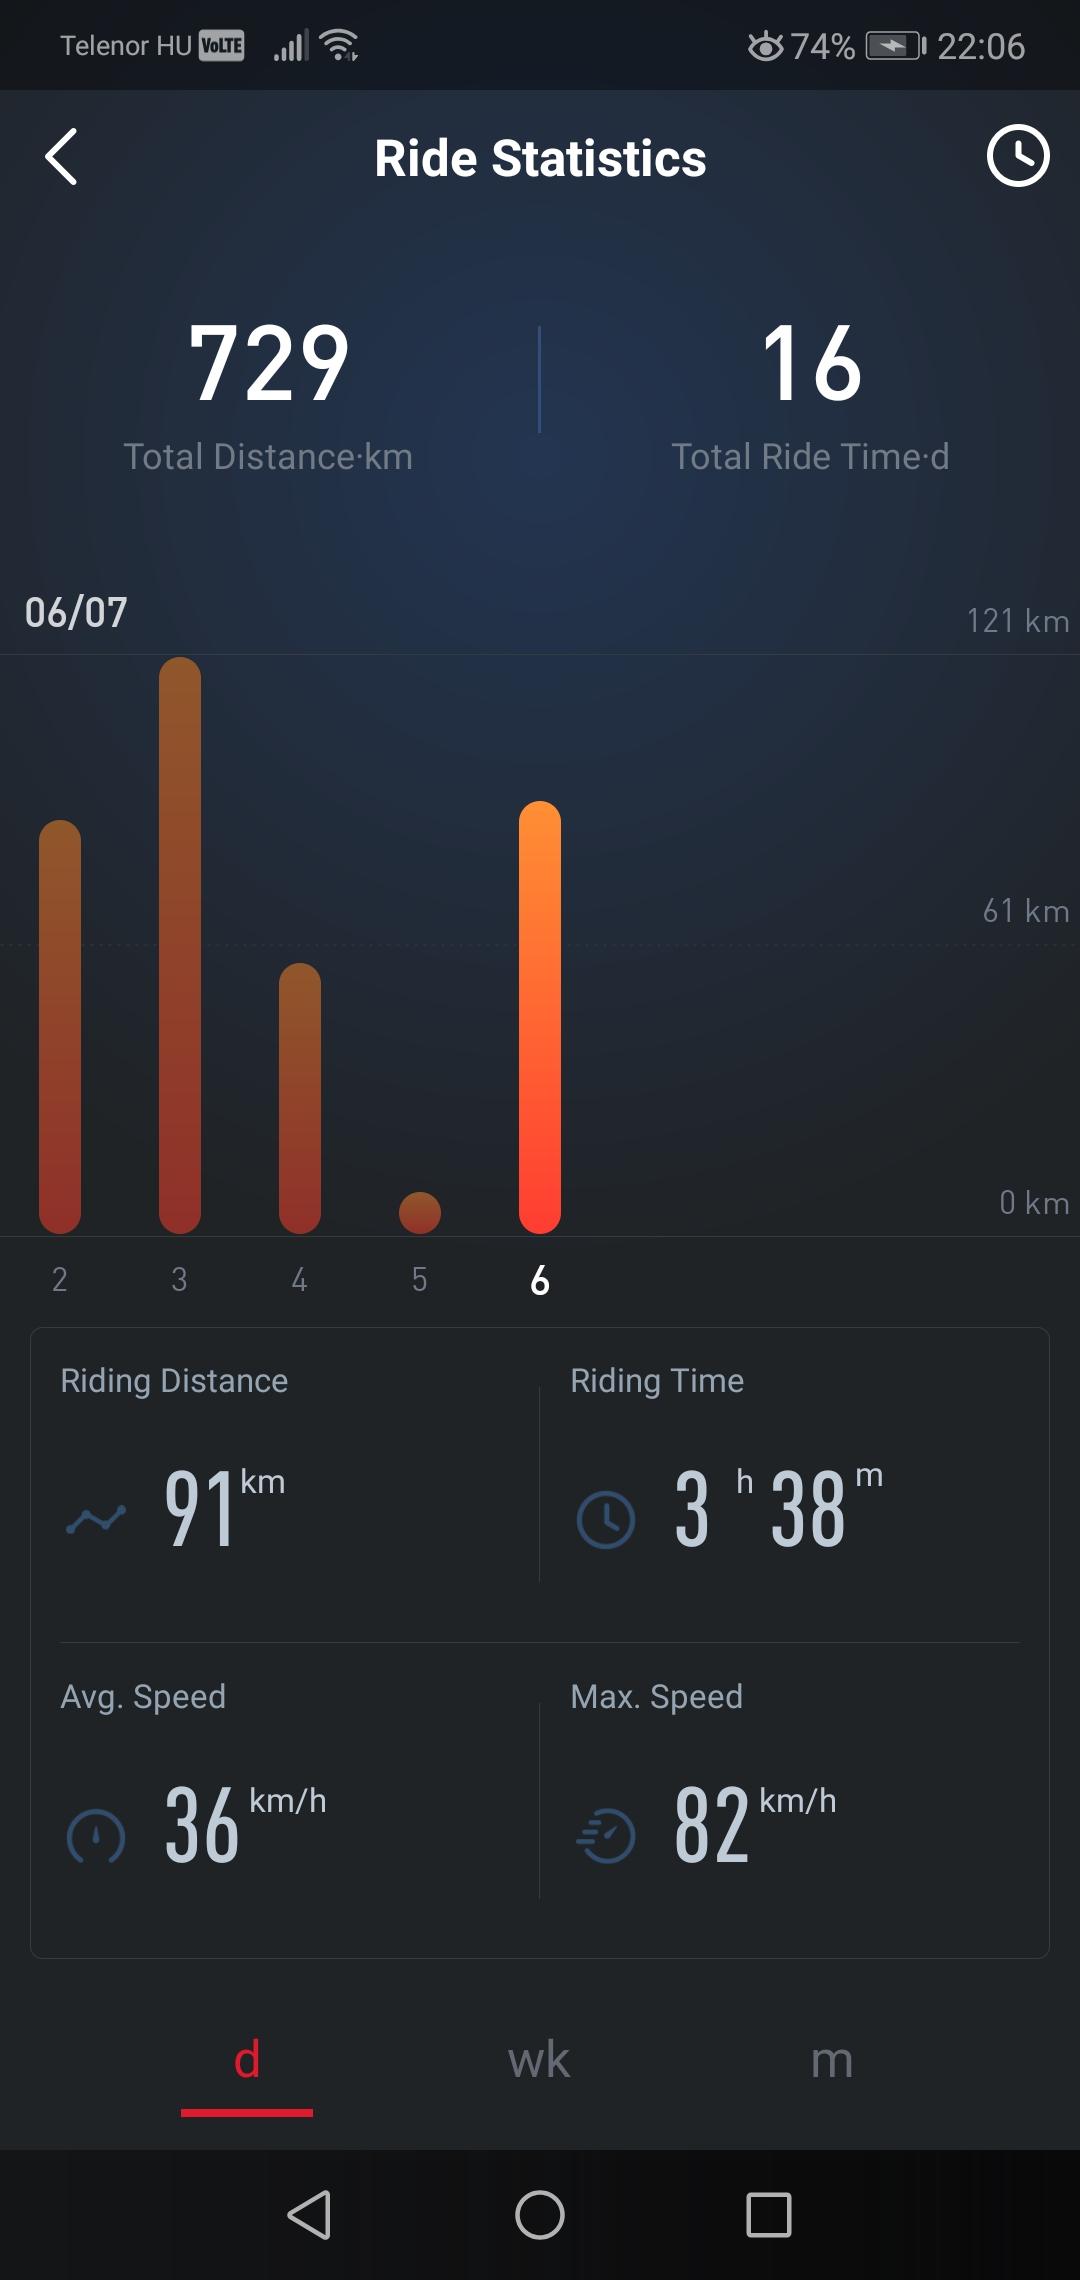 NIU NGT telefon applikáció képernyőkép